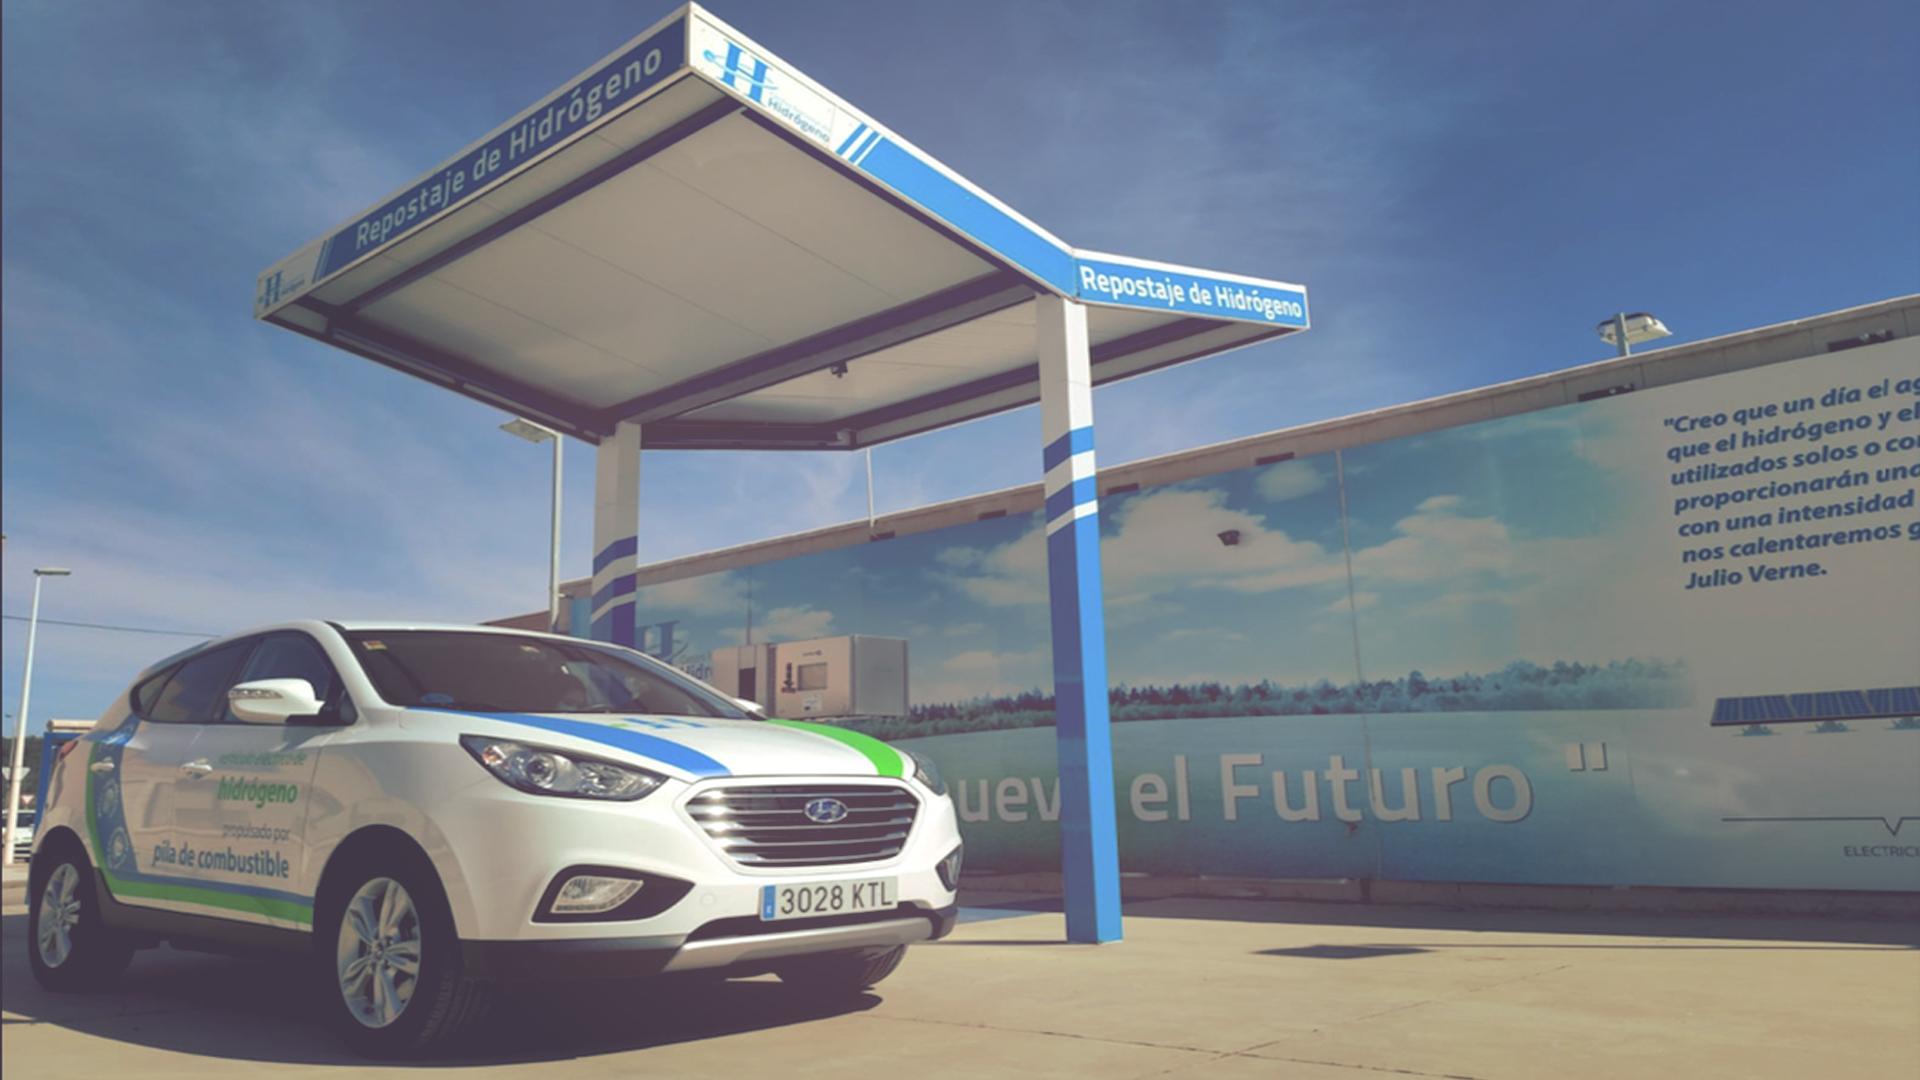 HIPERBARIC suministrará el primer compresor español de hidrógeno por altas presiones para movilidad sostenible